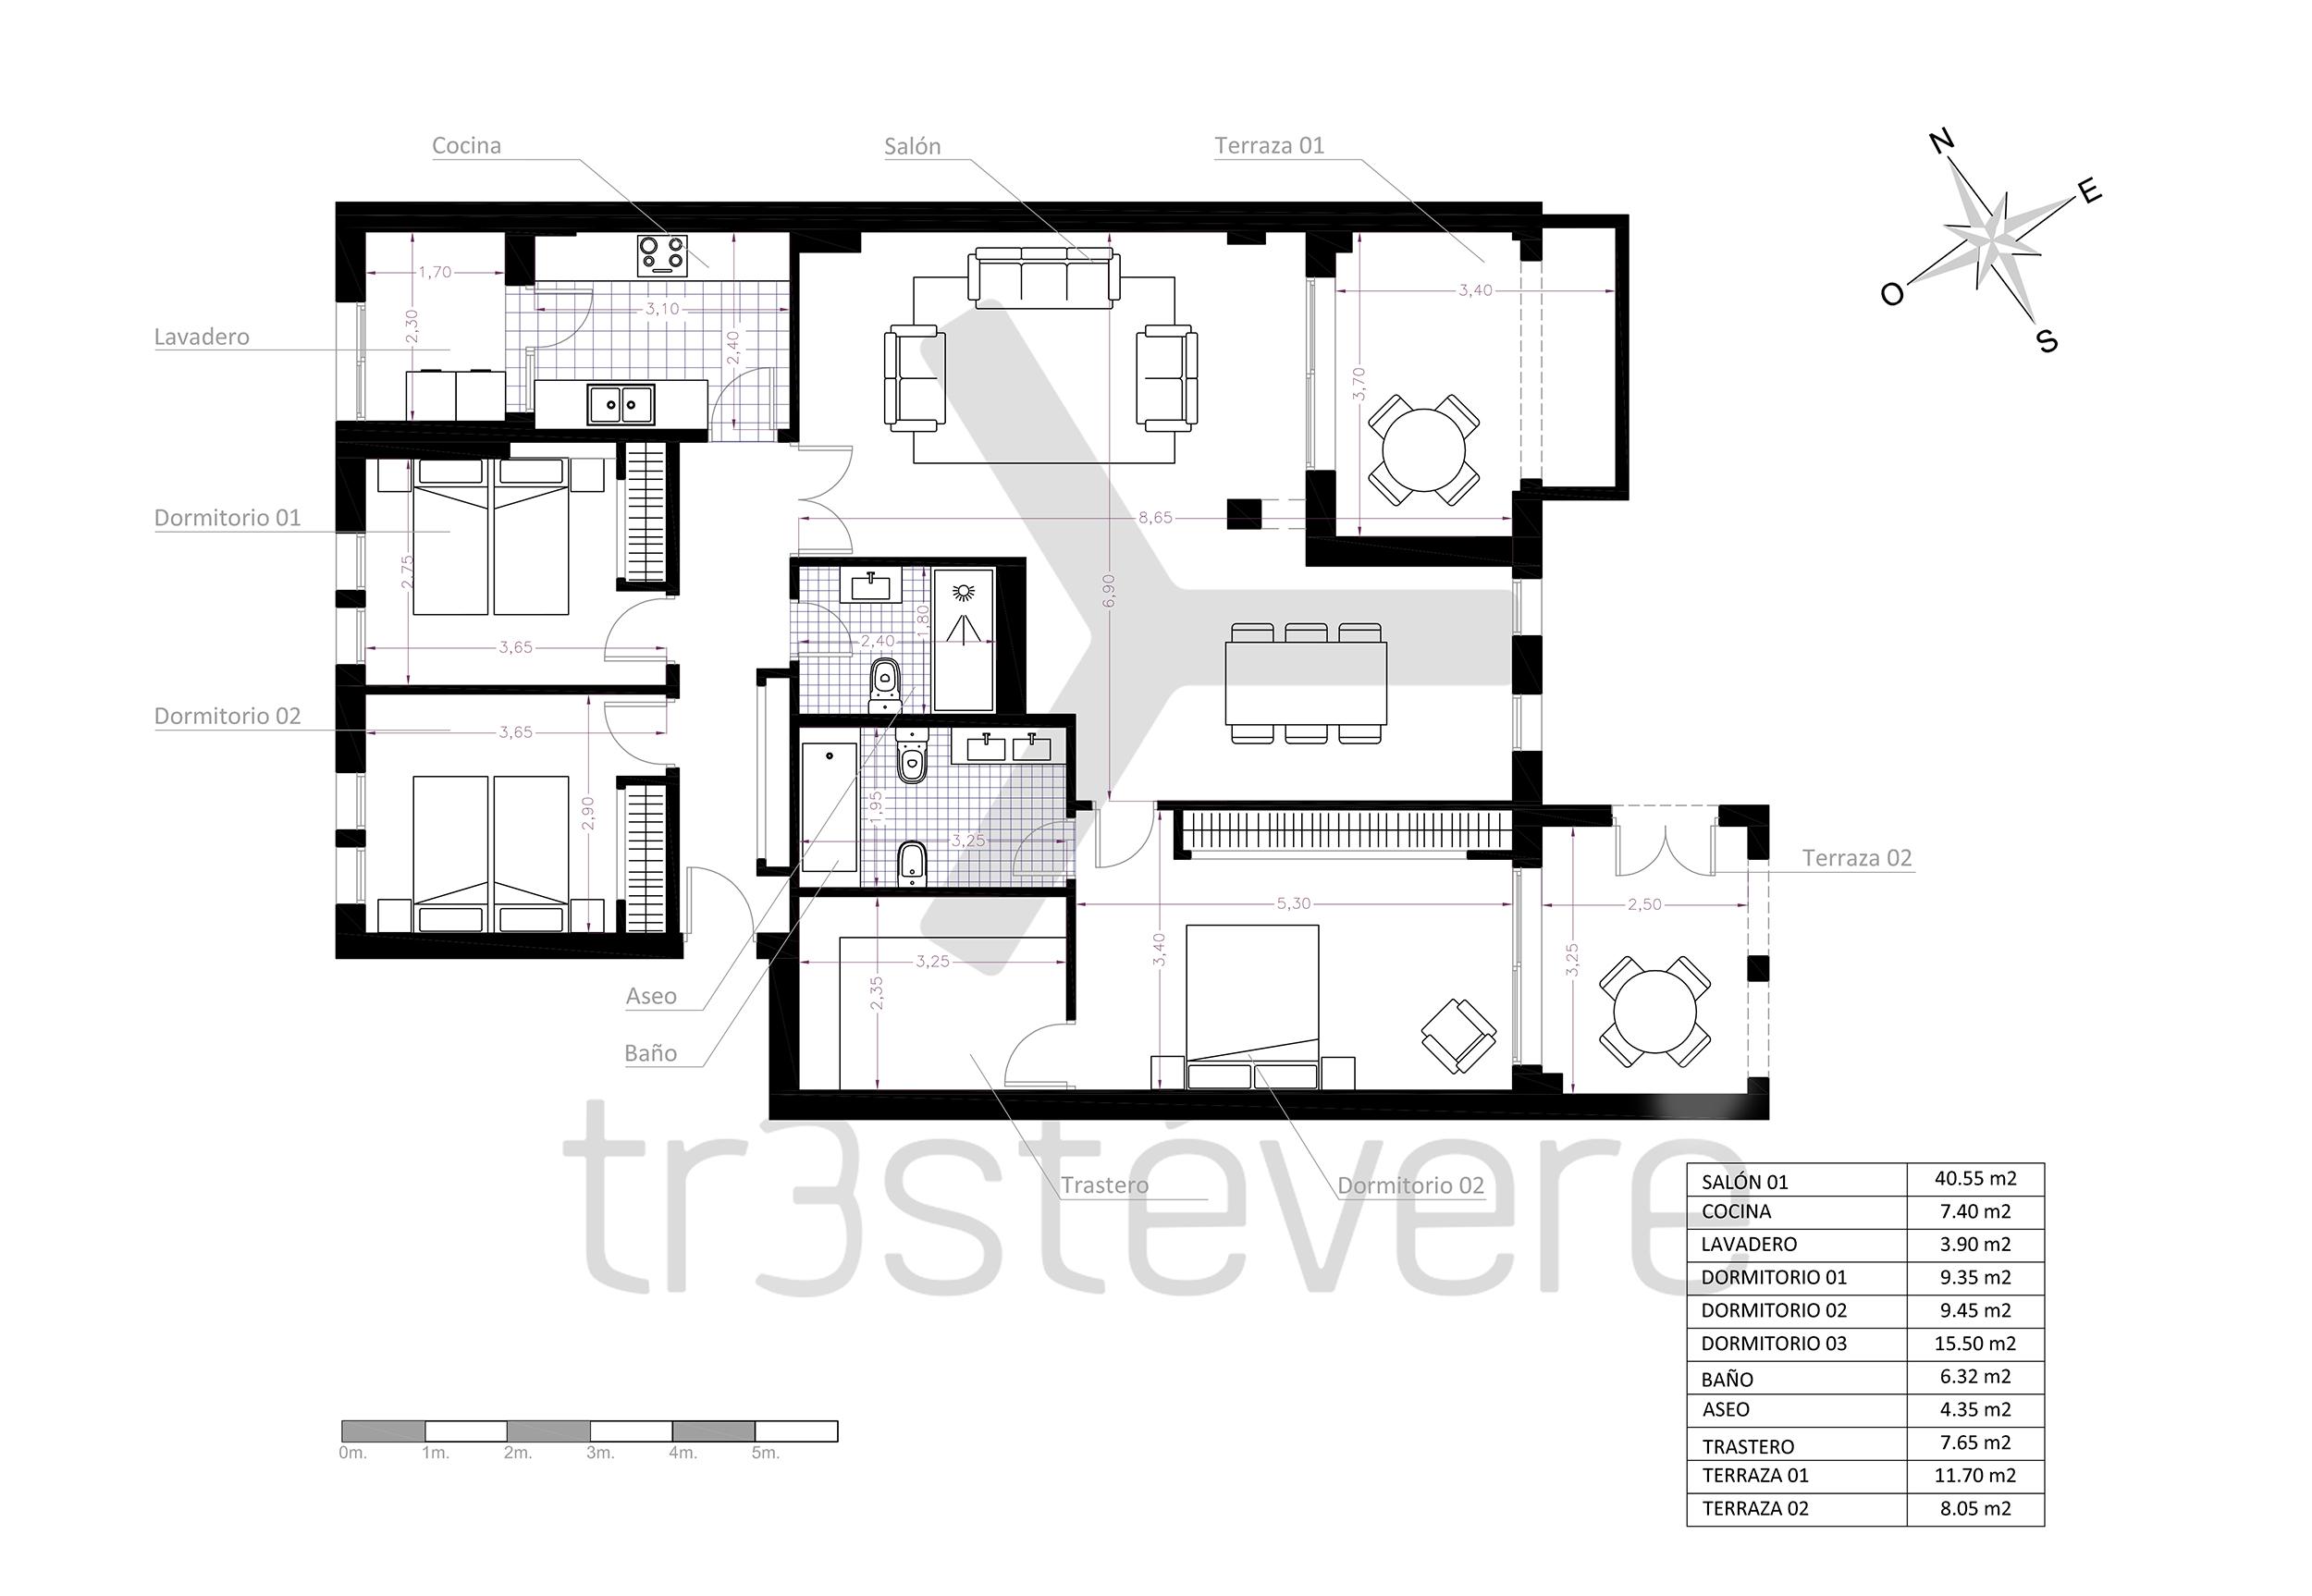 plano vivienda 02